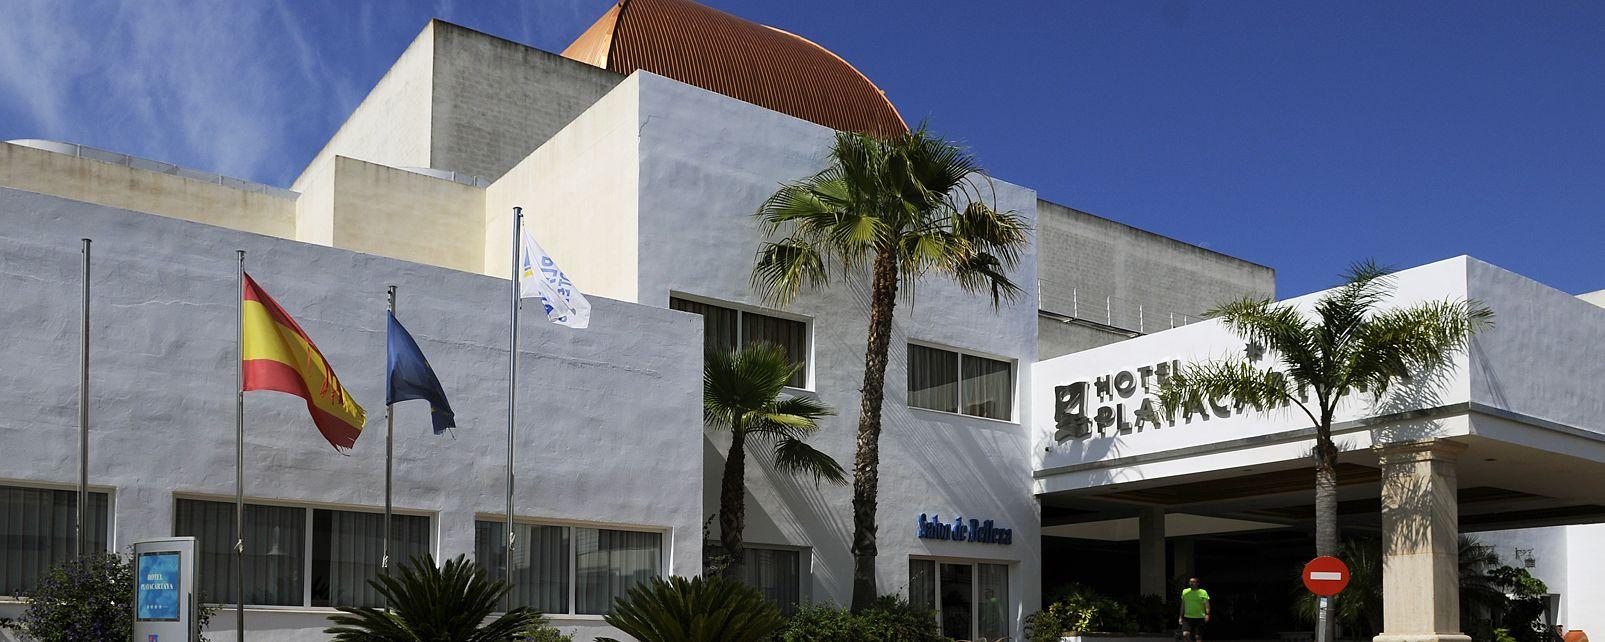 Hôtel Playacartaya Aquapark & Spa